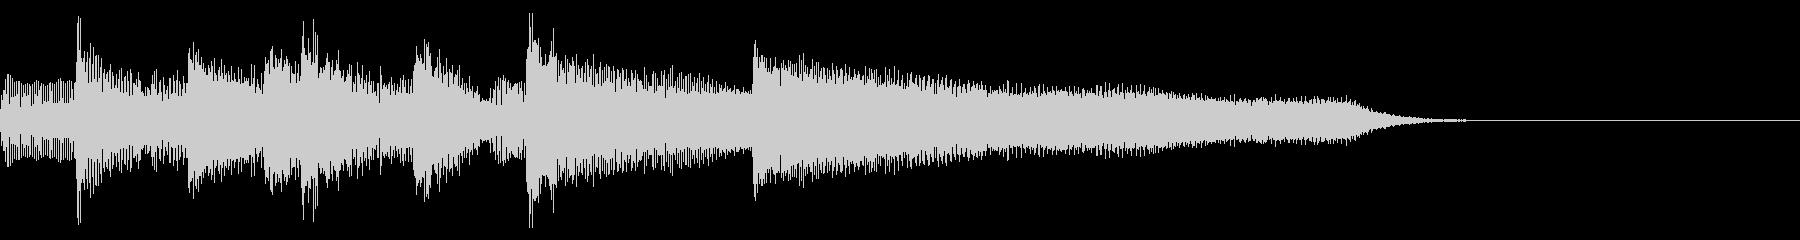 ブルージーなピアノジングルの未再生の波形